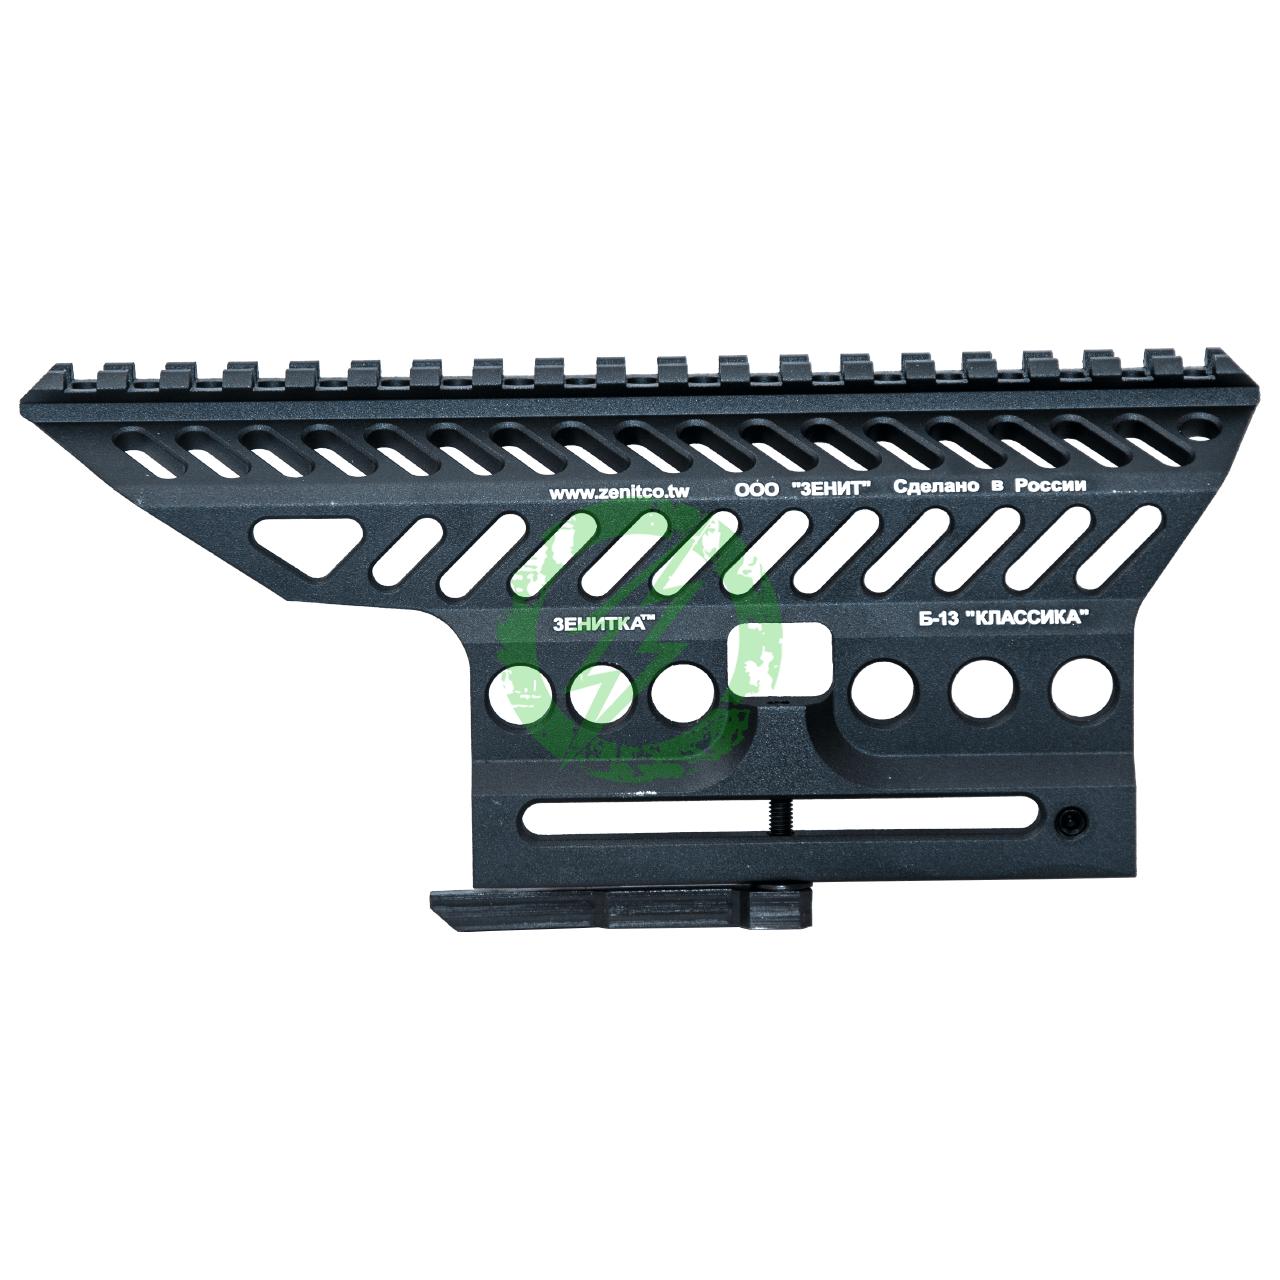 LCT Z-Series B-13 AK Slide Mount Rail | Black